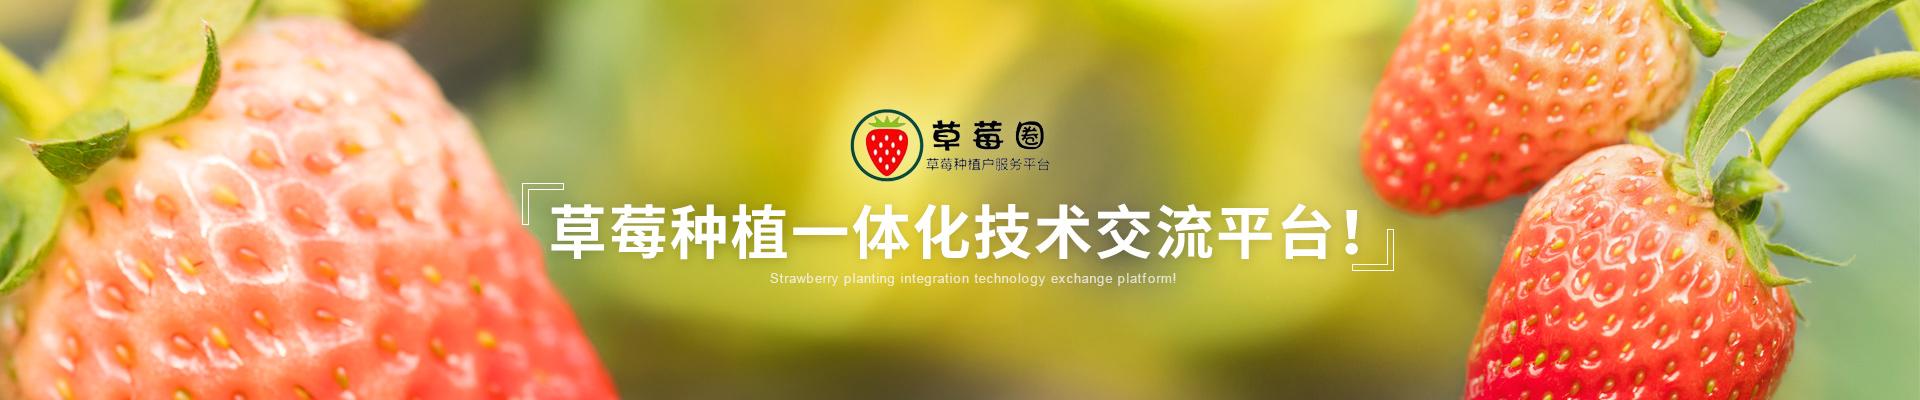 草莓种植解决方案